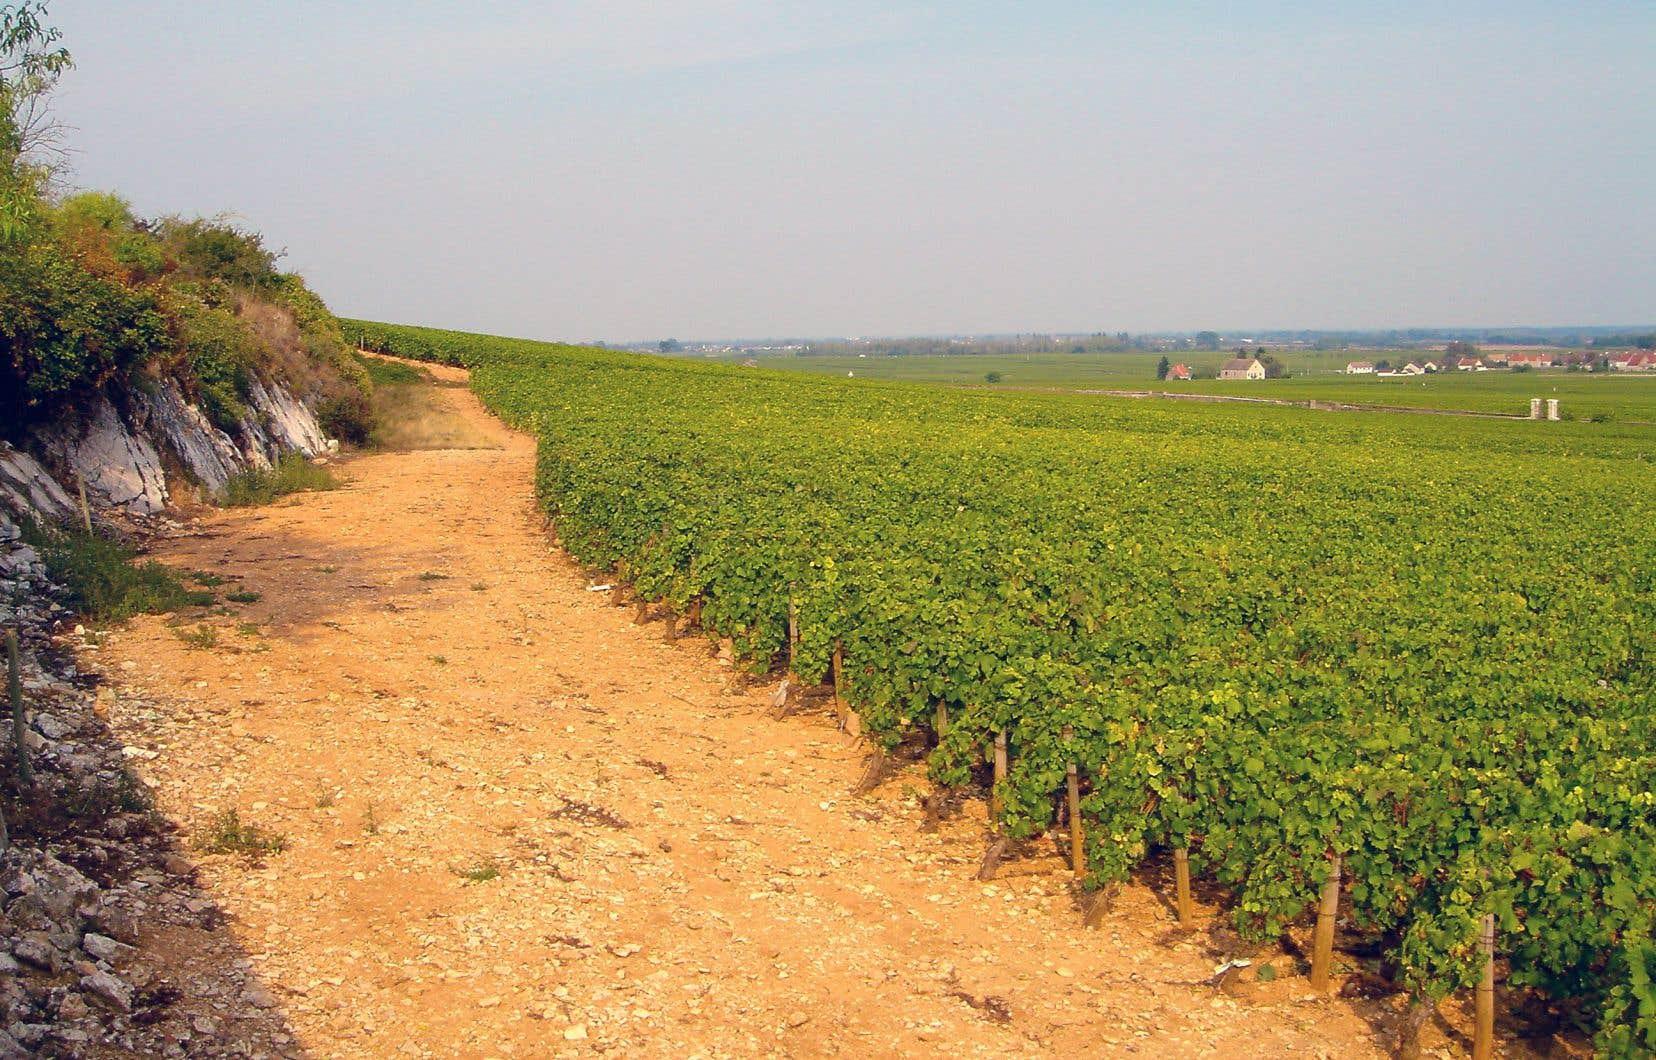 Le mystère bourguignon: très faible pente, expositions variées, sols hétérogènes. Ici, une parcelle beaunoise.